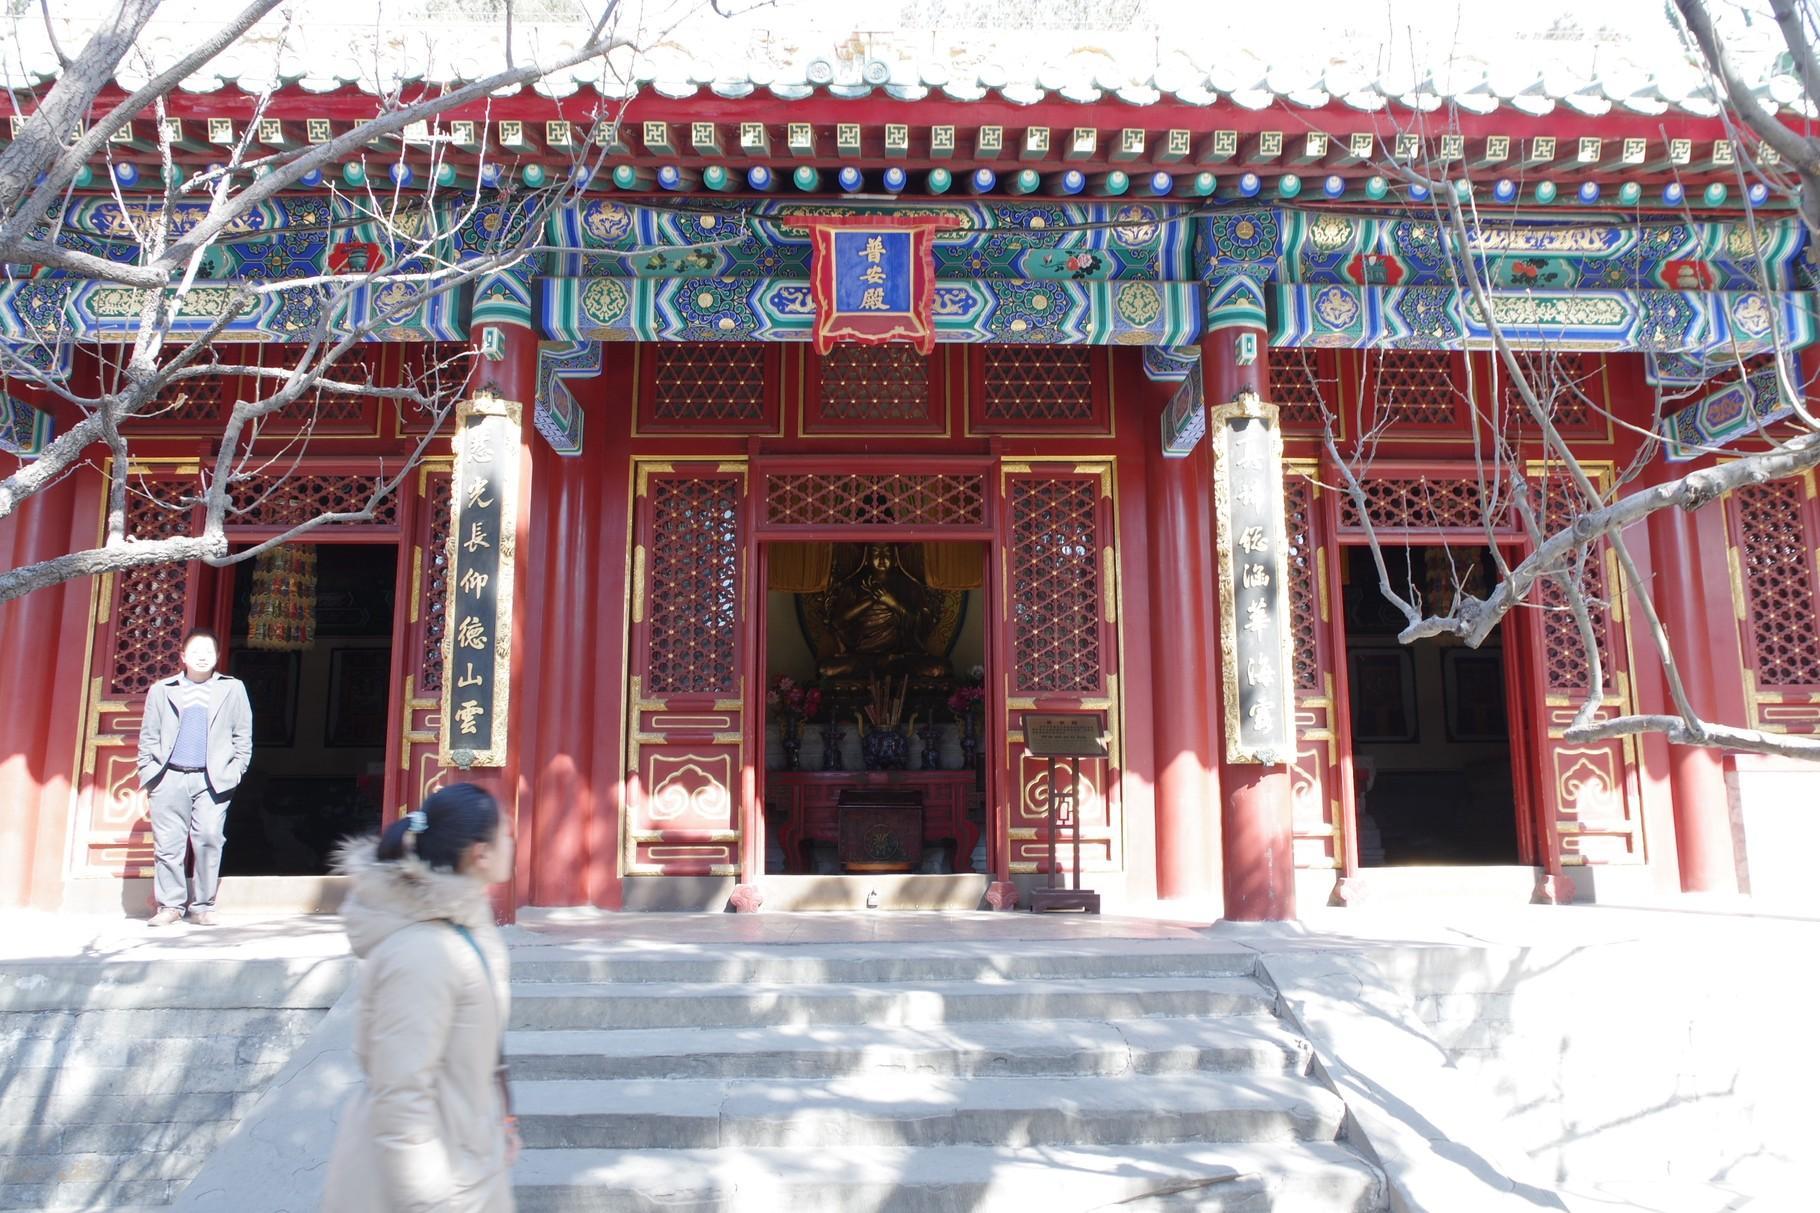 ツォンカパ像とパンチェン・ラマ像、ダライ・ラマ像、歓喜仏